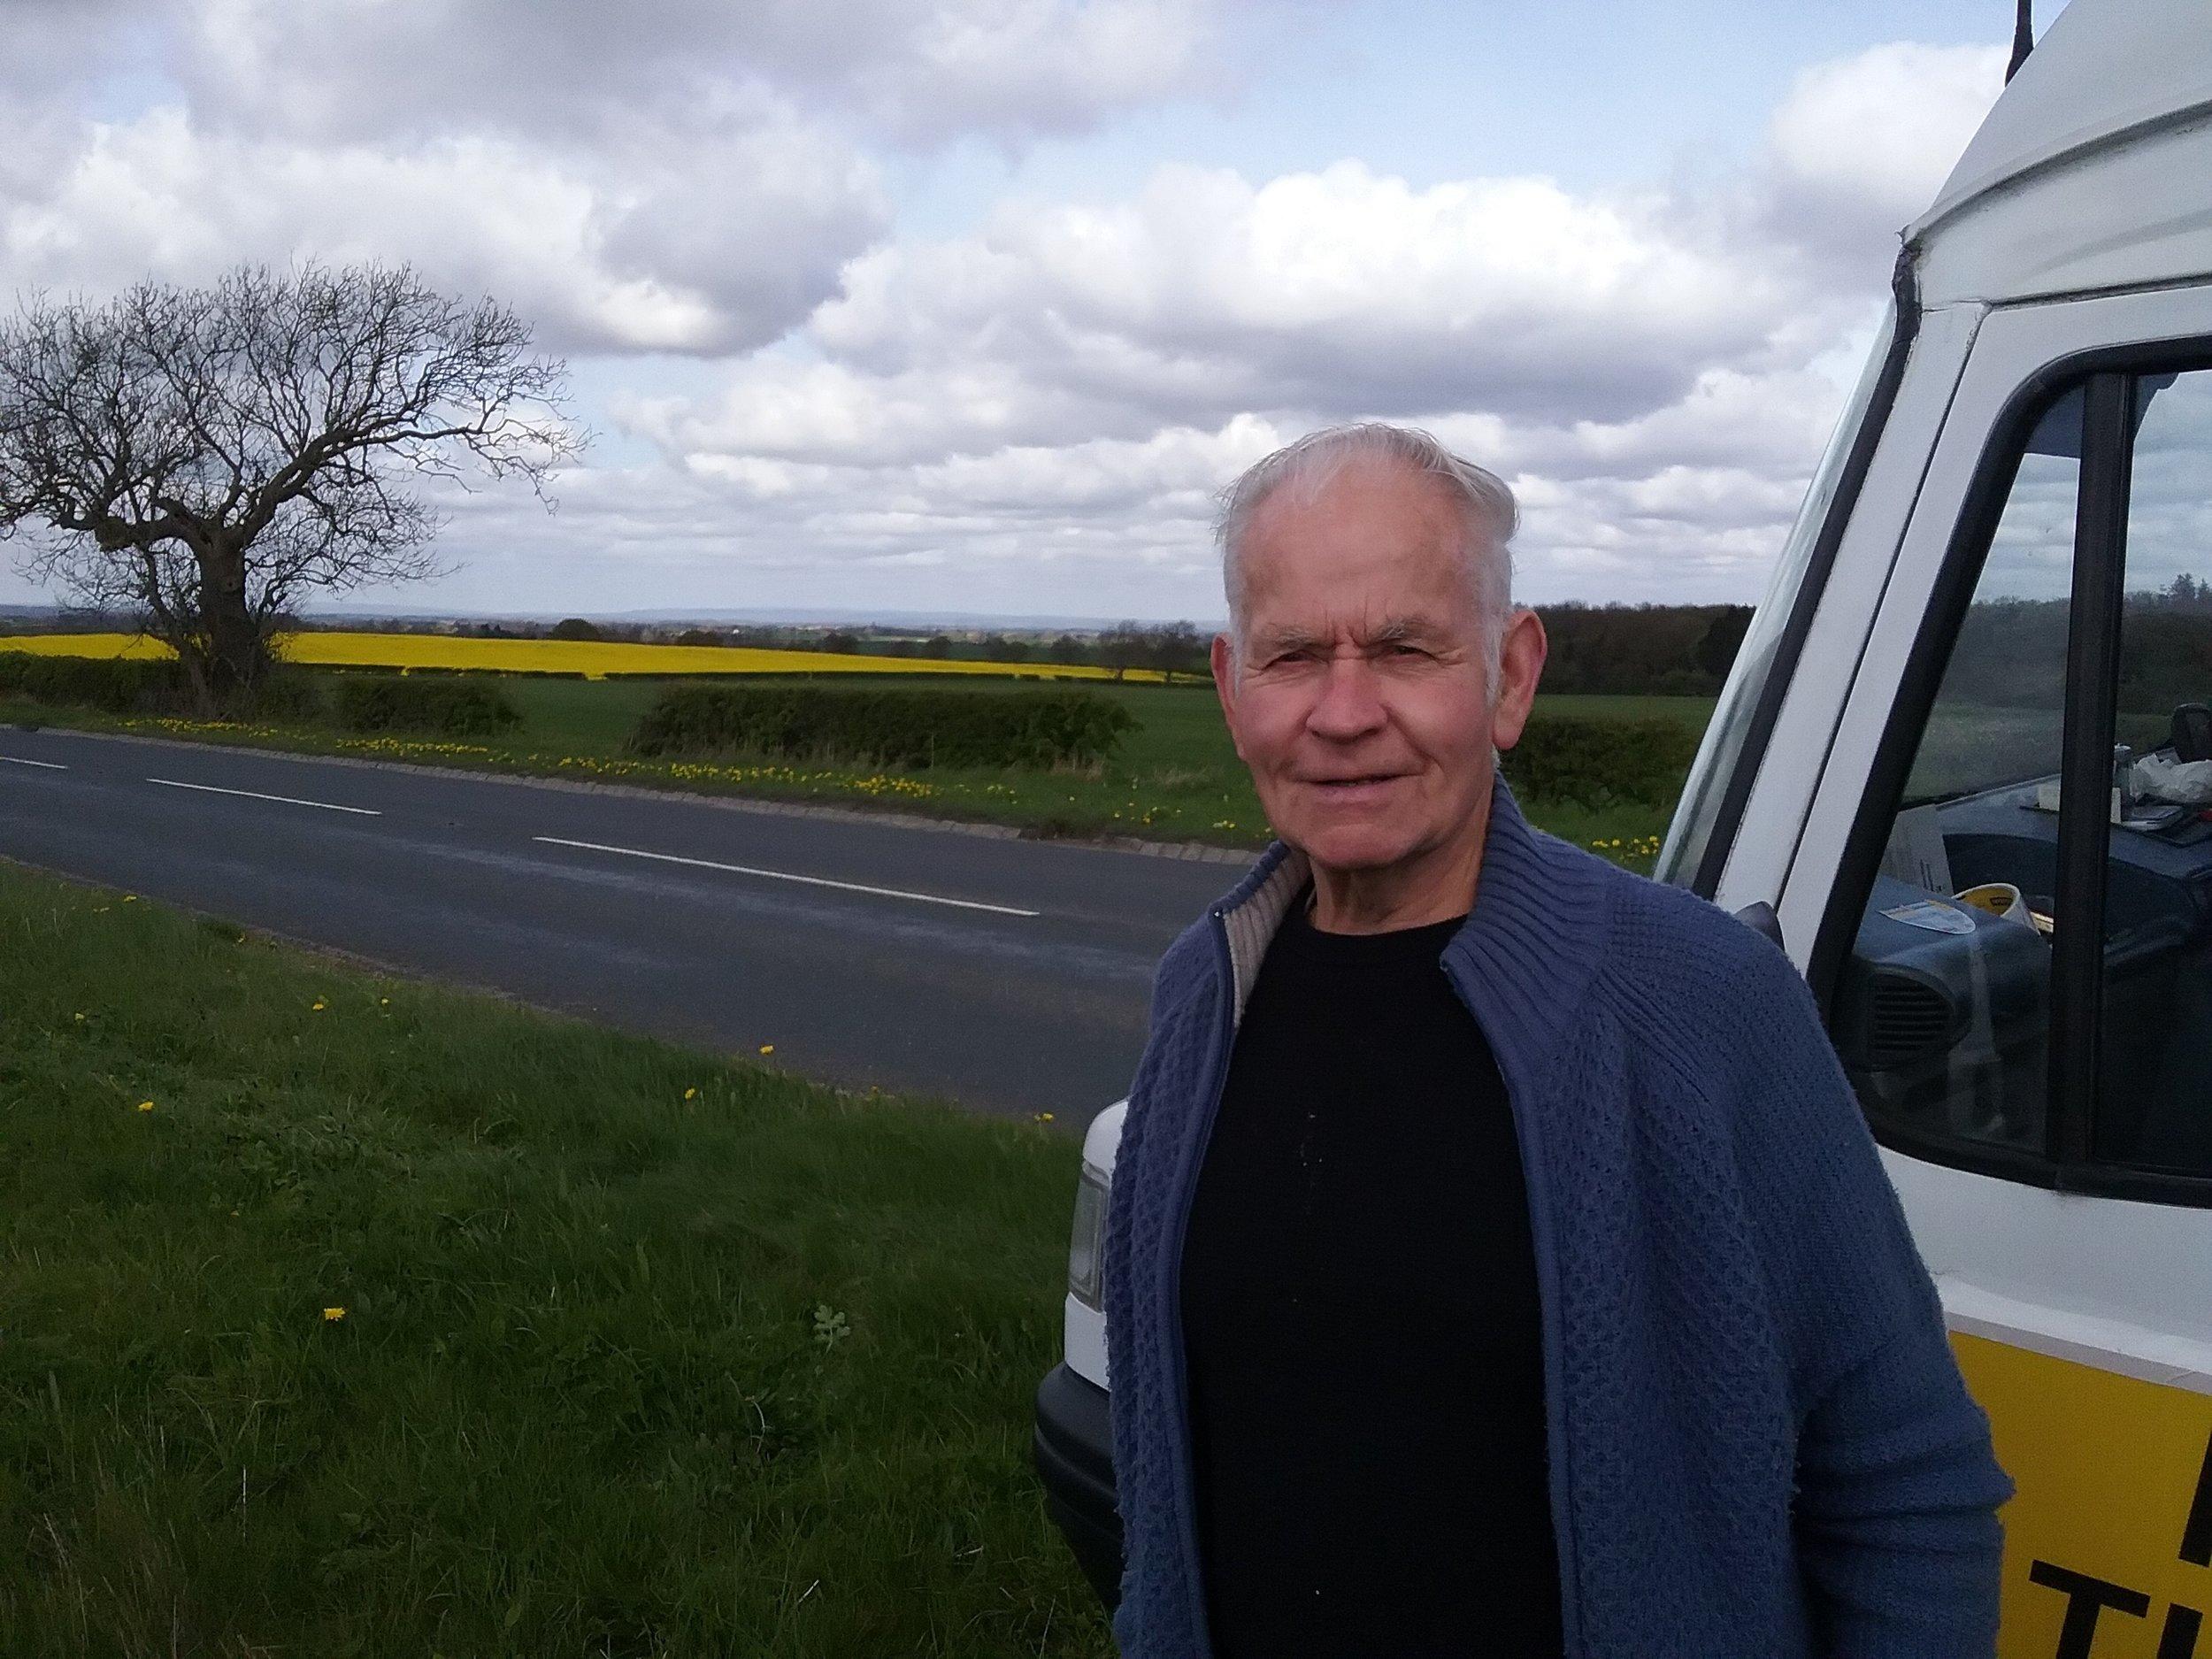 Ray enjoys the scenery 7 miles from Darington